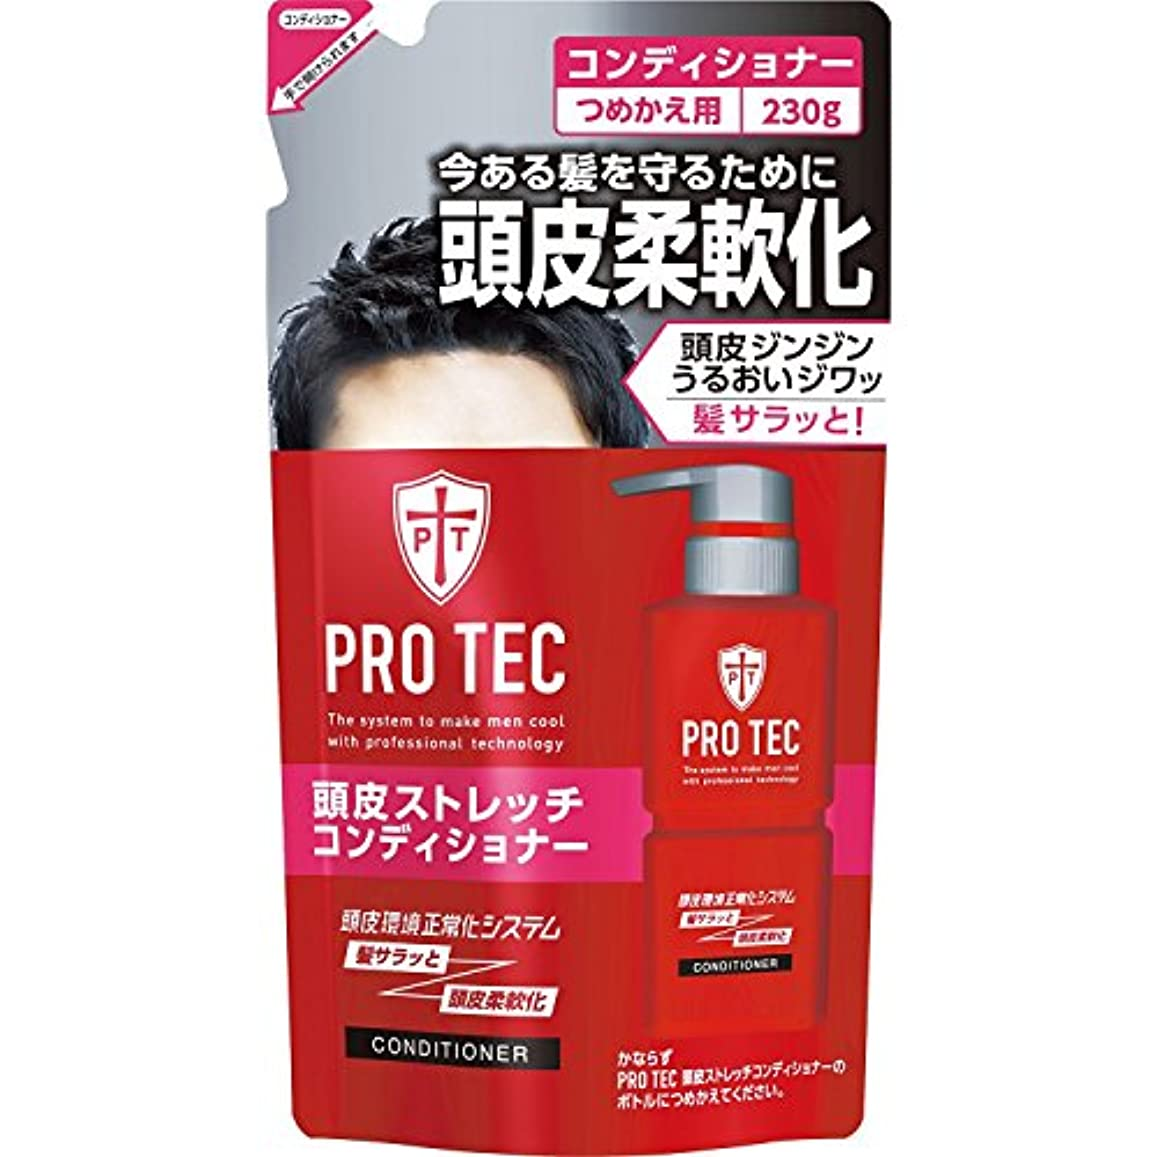 スズメバチ多数の刈るPRO TEC(プロテク) 頭皮ストレッチ コンディショナー 詰め替え 230g